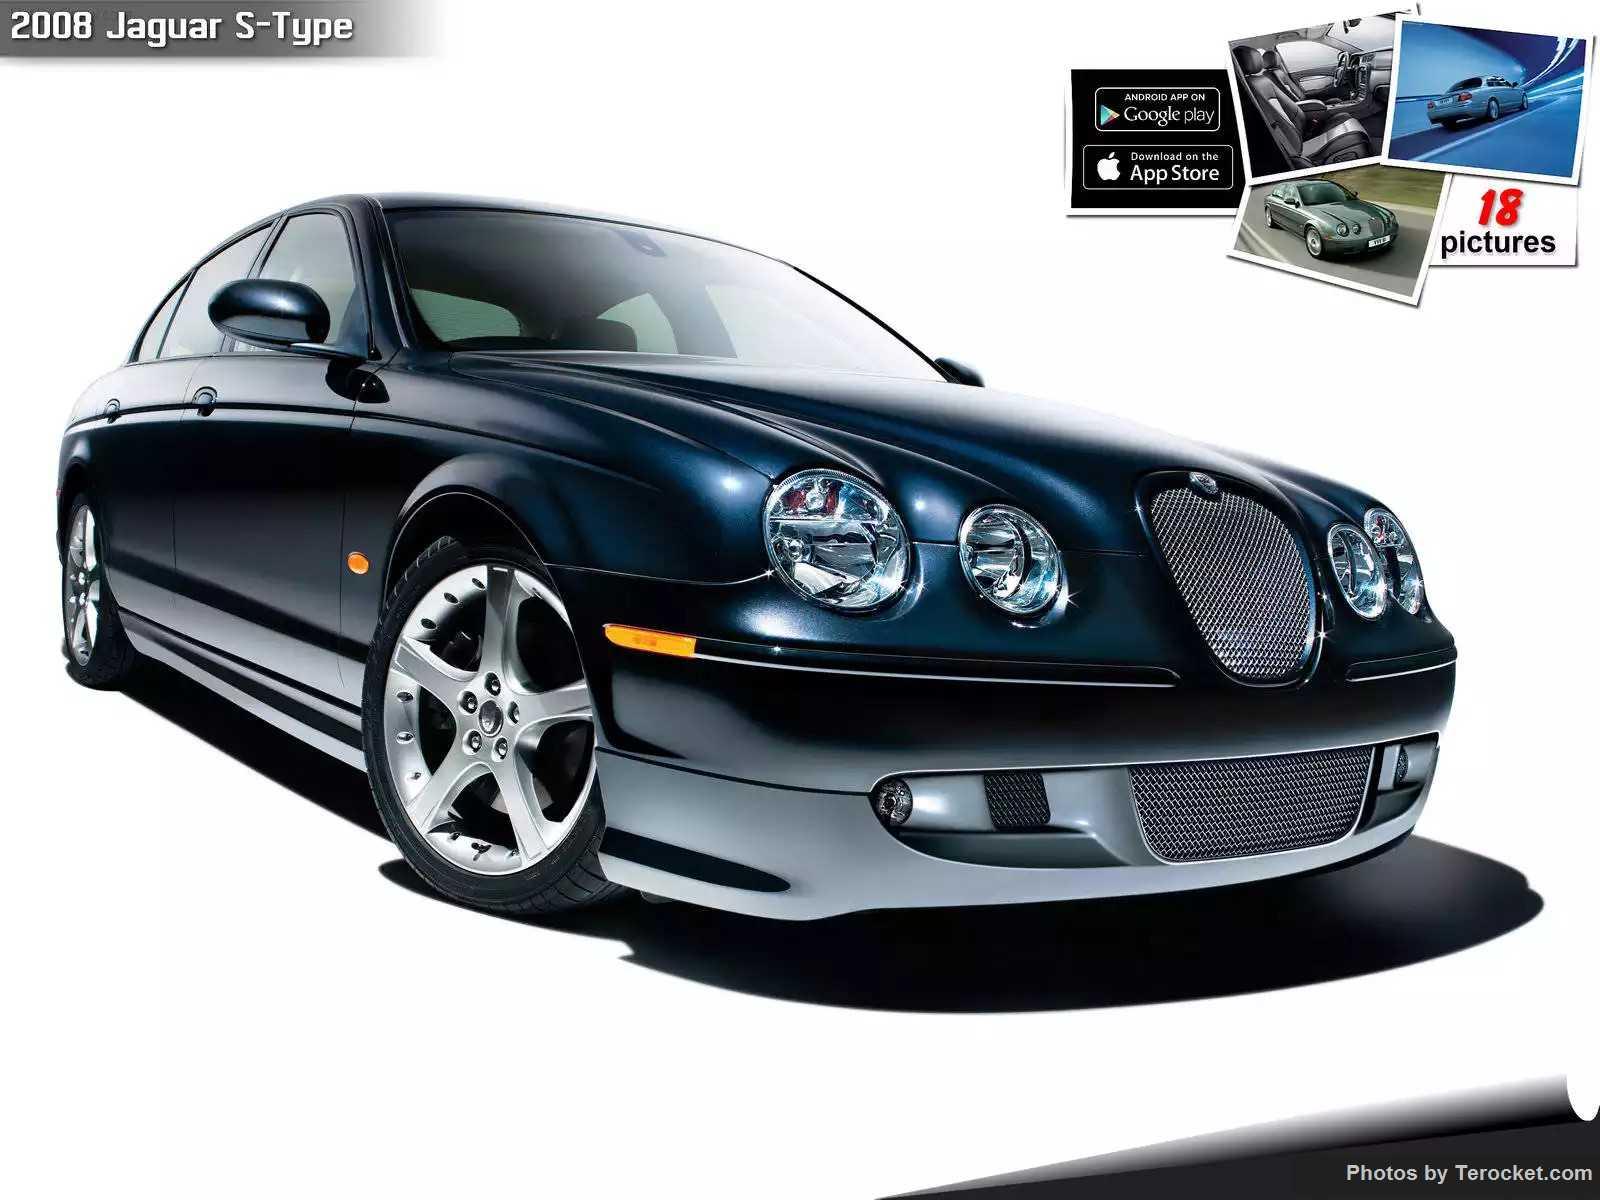 Hình ảnh xe ô tô Jaguar S-Type 2008 & nội ngoại thất